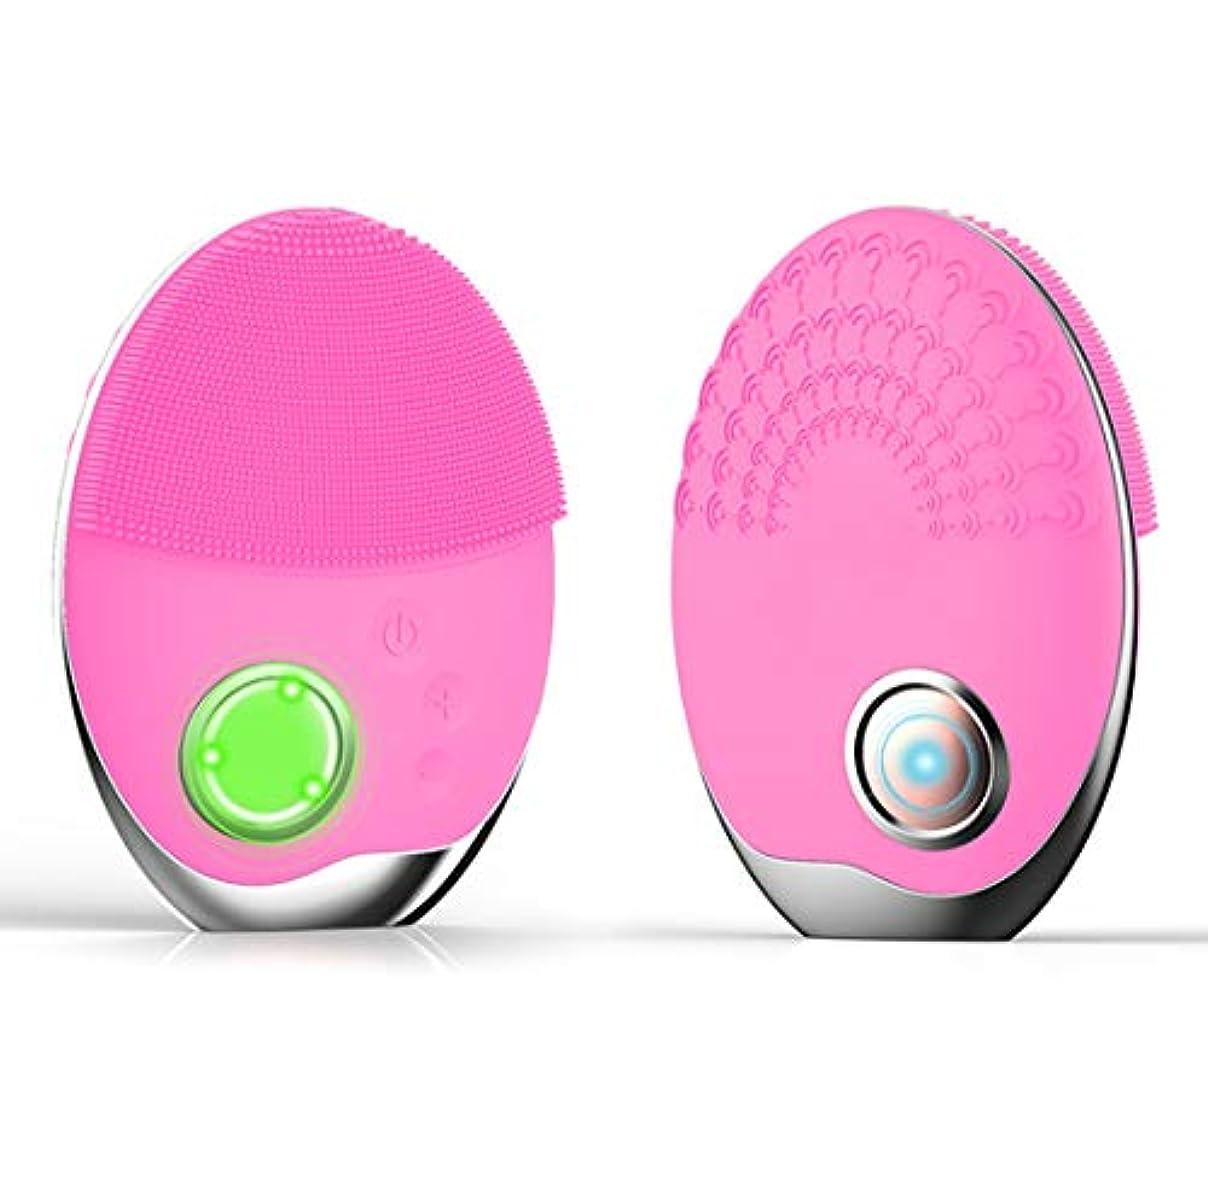 洗顔ブラシ フェイスブラシ 電動 音波洗顔 食品級シリコン洗顔器 IPX7防水 黒ずみ 汚れ落とし 美肌ライト ピンク